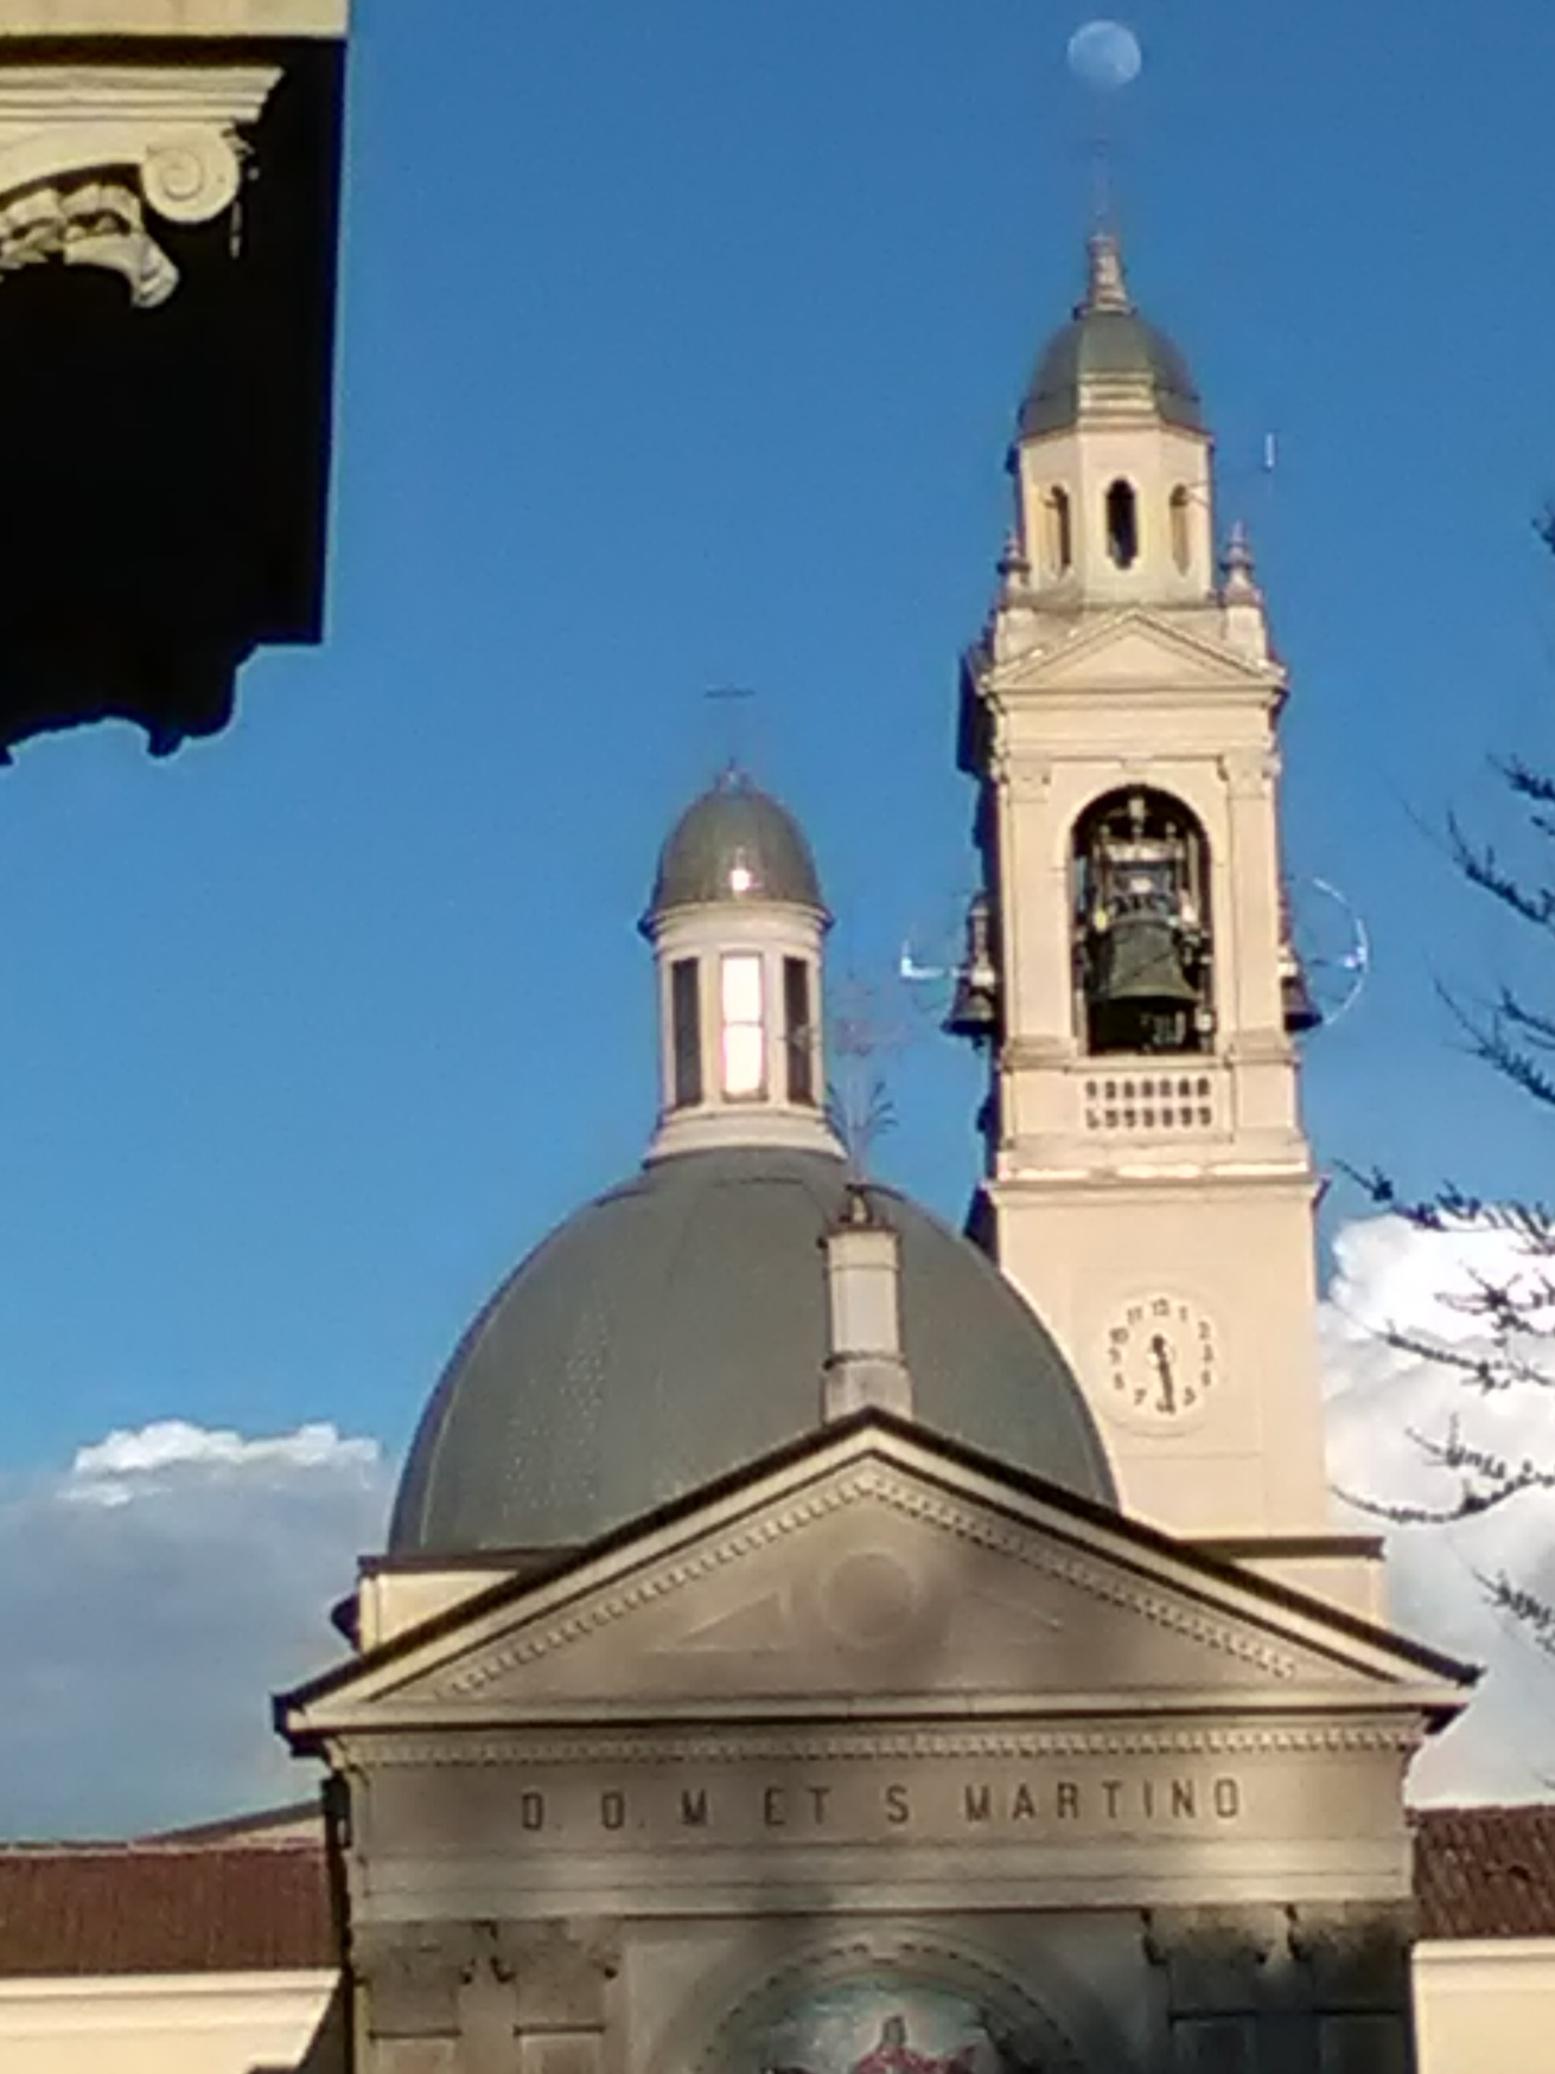 <strong>La chiesa di San Martino e la luna</strong></br>La luna piena sopra il campanile della chiesa di San Martino</br>               </br><i>Credits: S. Z.</i>